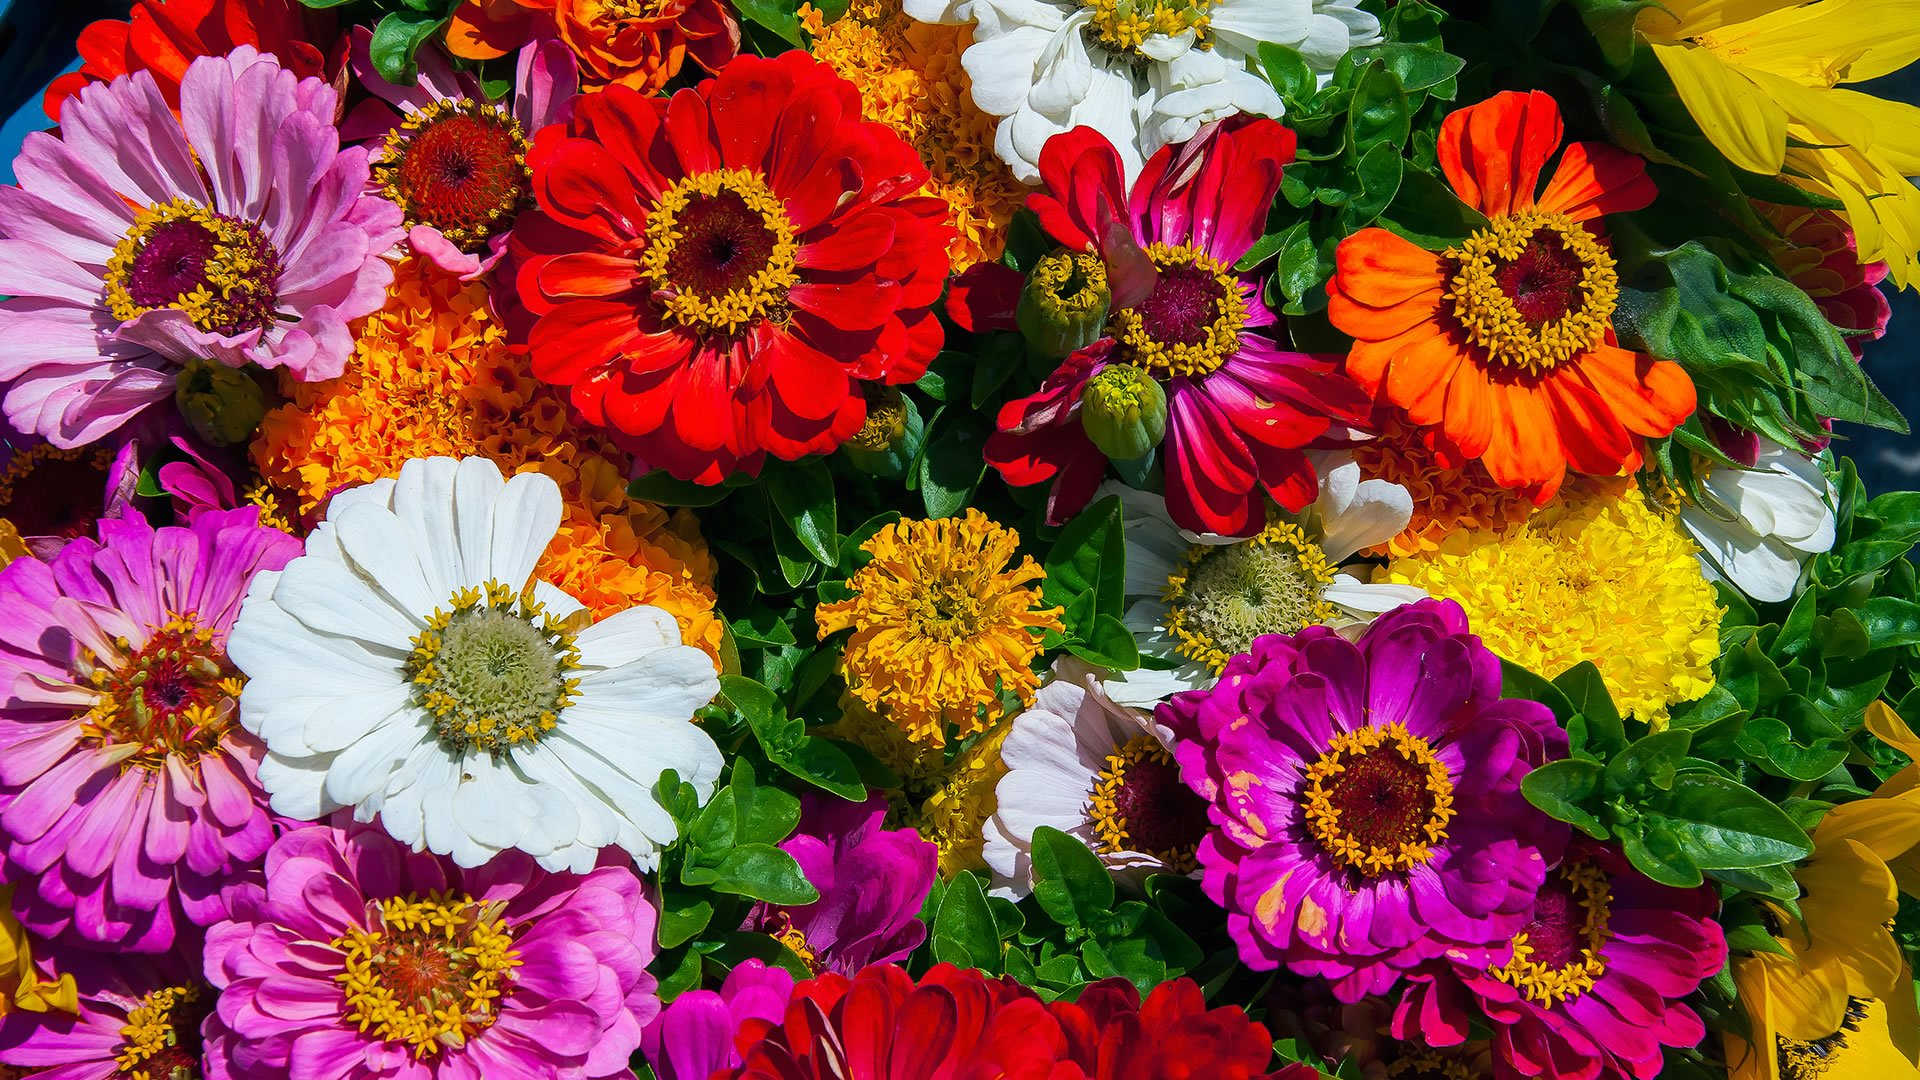 Pa s de origen de las flores m s bonitas del mundo - Flores mas bonitas ...